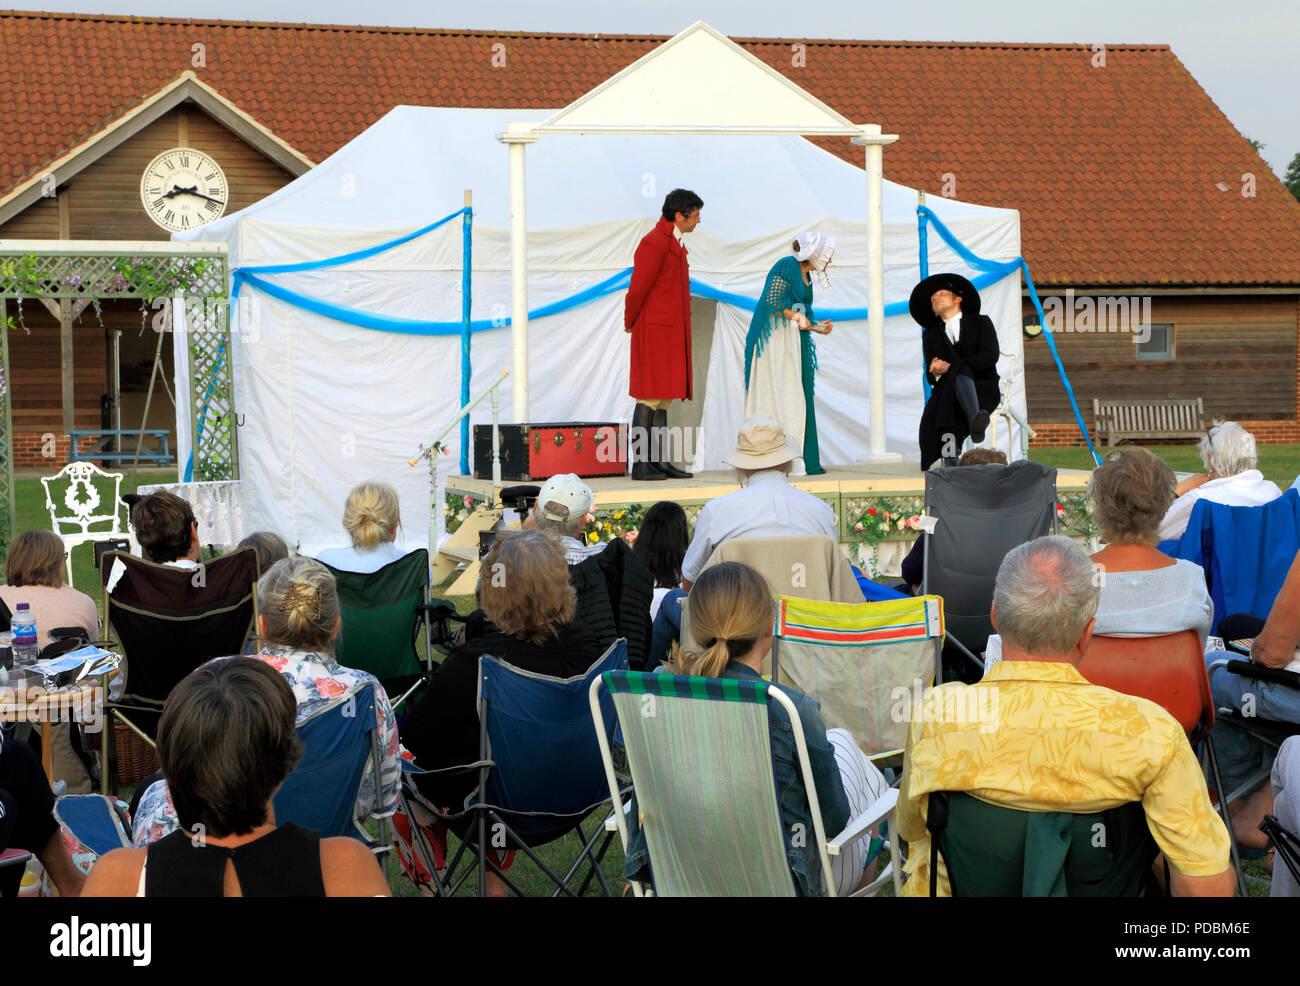 Open Air Theatre, Heartbreak Productions, Orgoglio e pregiudizio, pubblico, all'aperto, stadio,Thornham, Norfolk, Regno Unito Immagini Stock